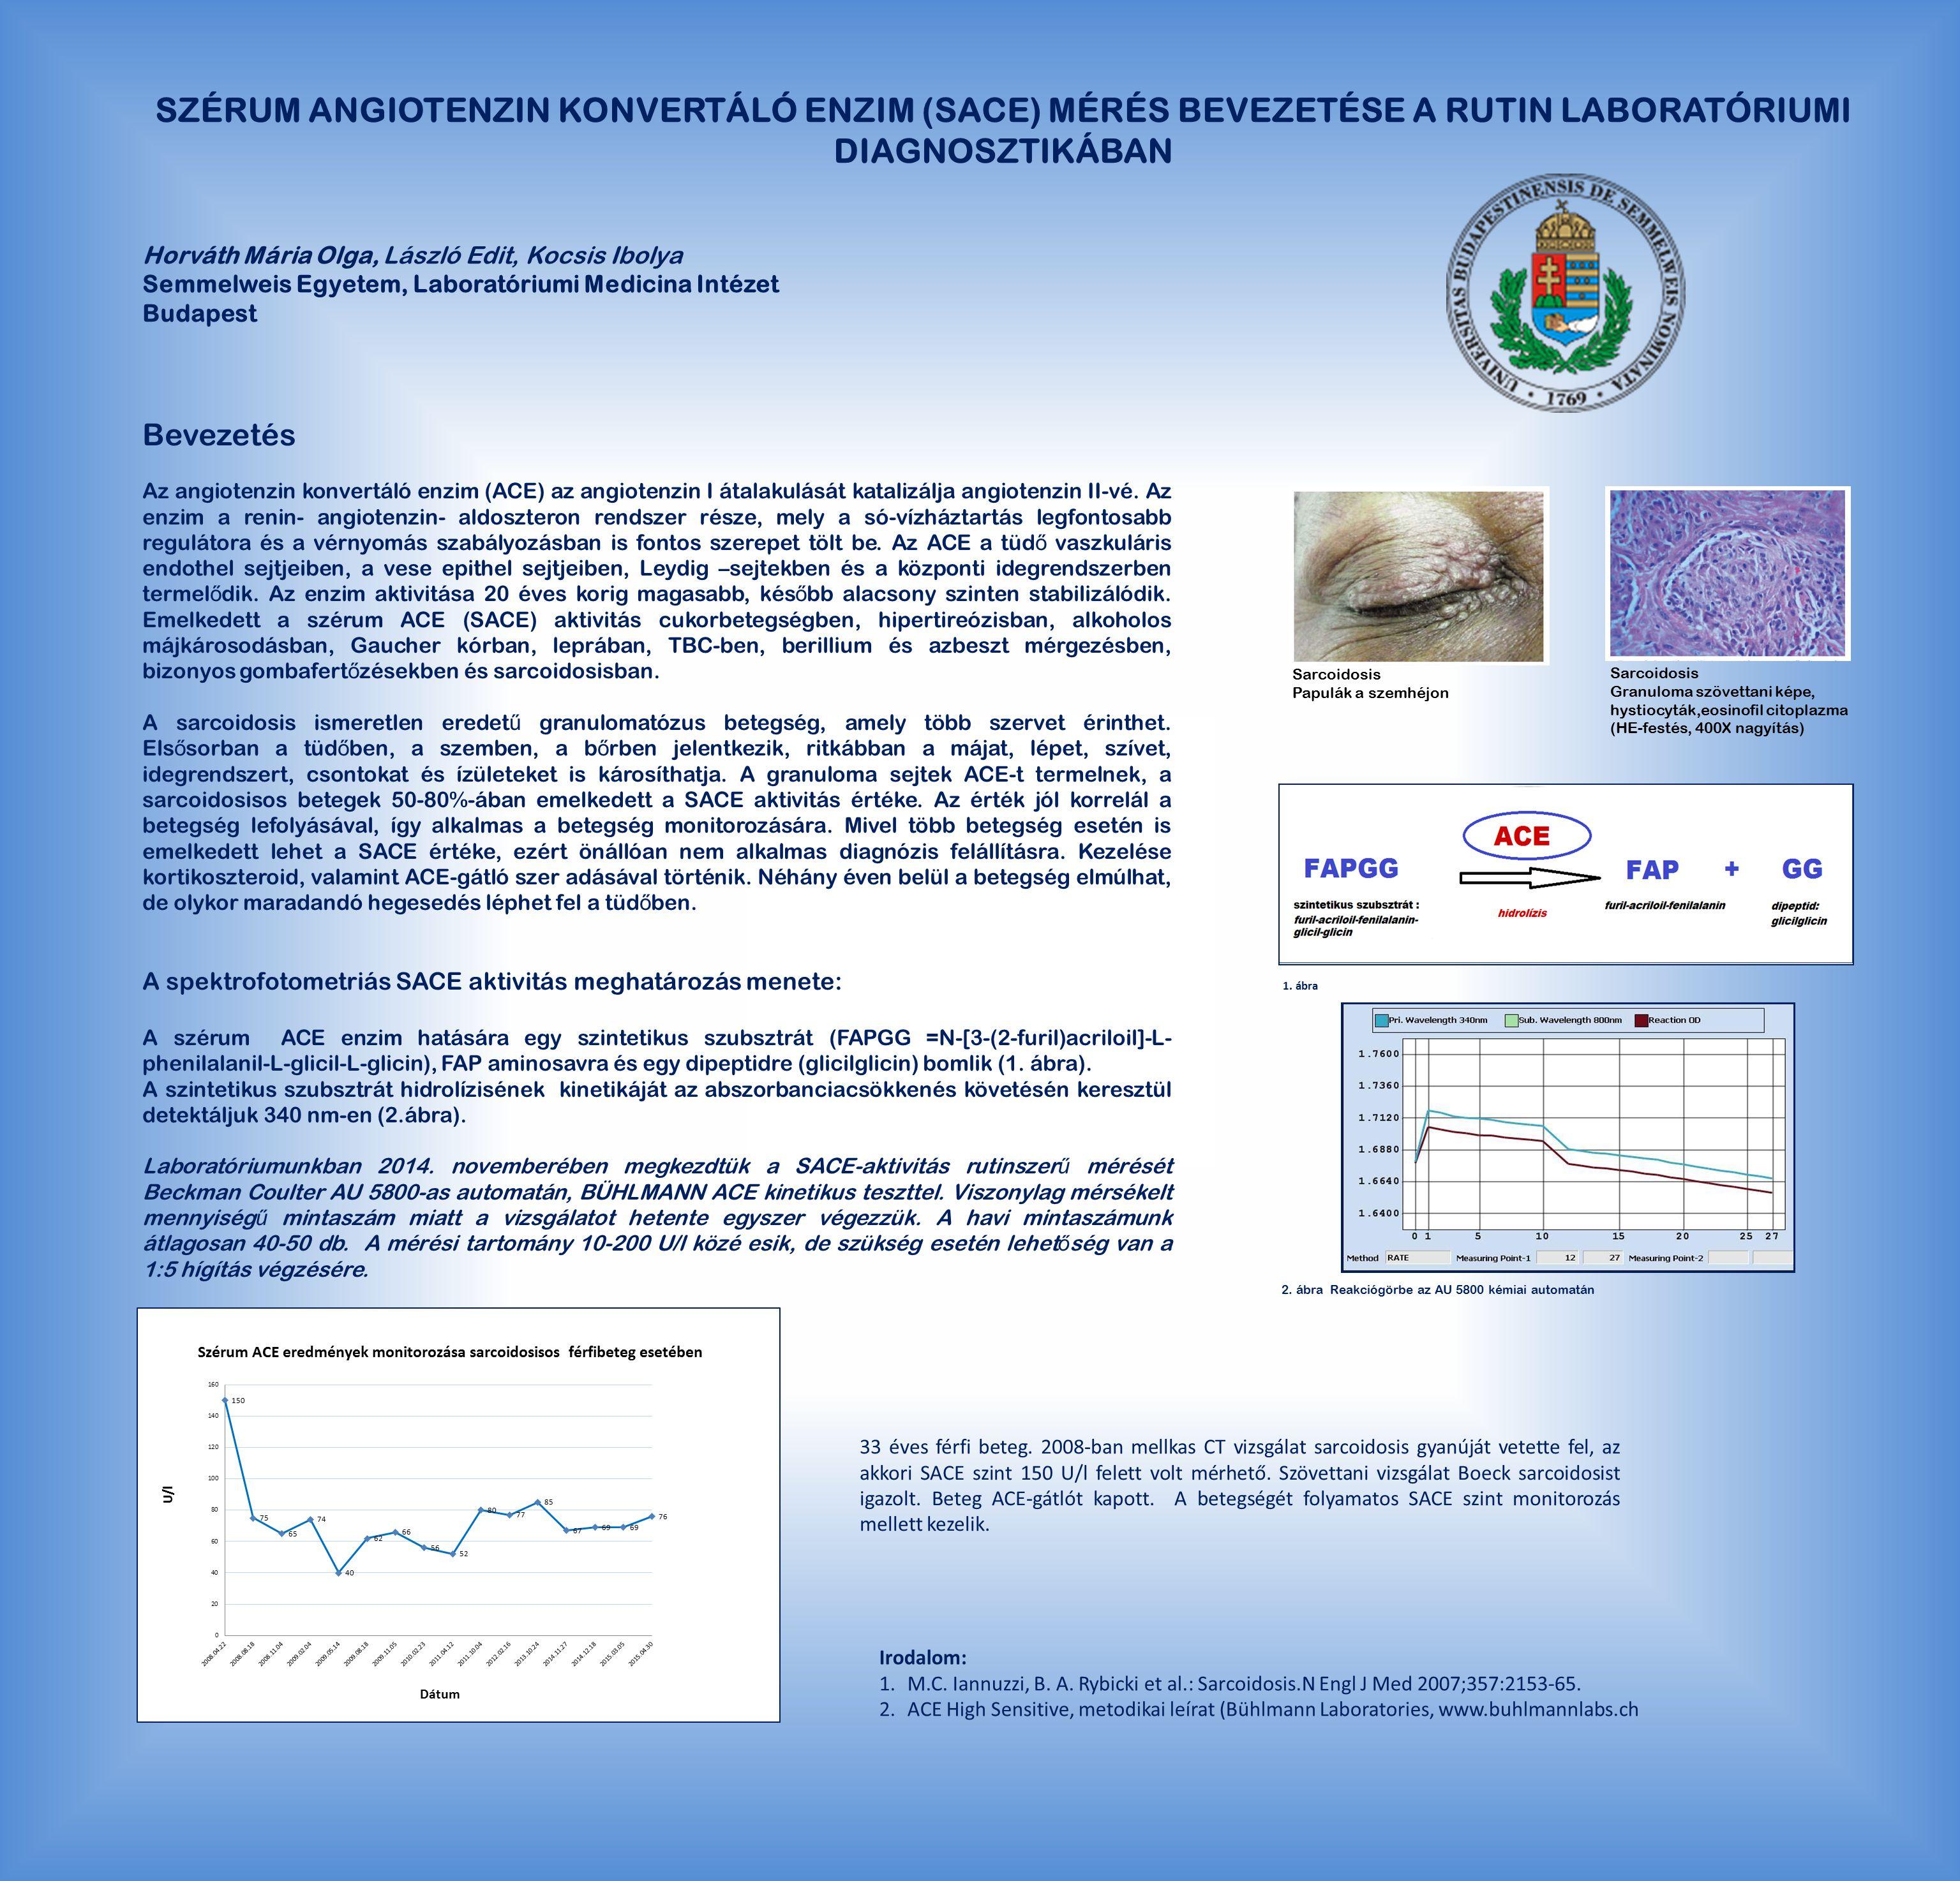 Szérum angiotenzin konvertáló enzim (SACE) mérés bevezetése a rutin laboratóriumi diagnosztikában